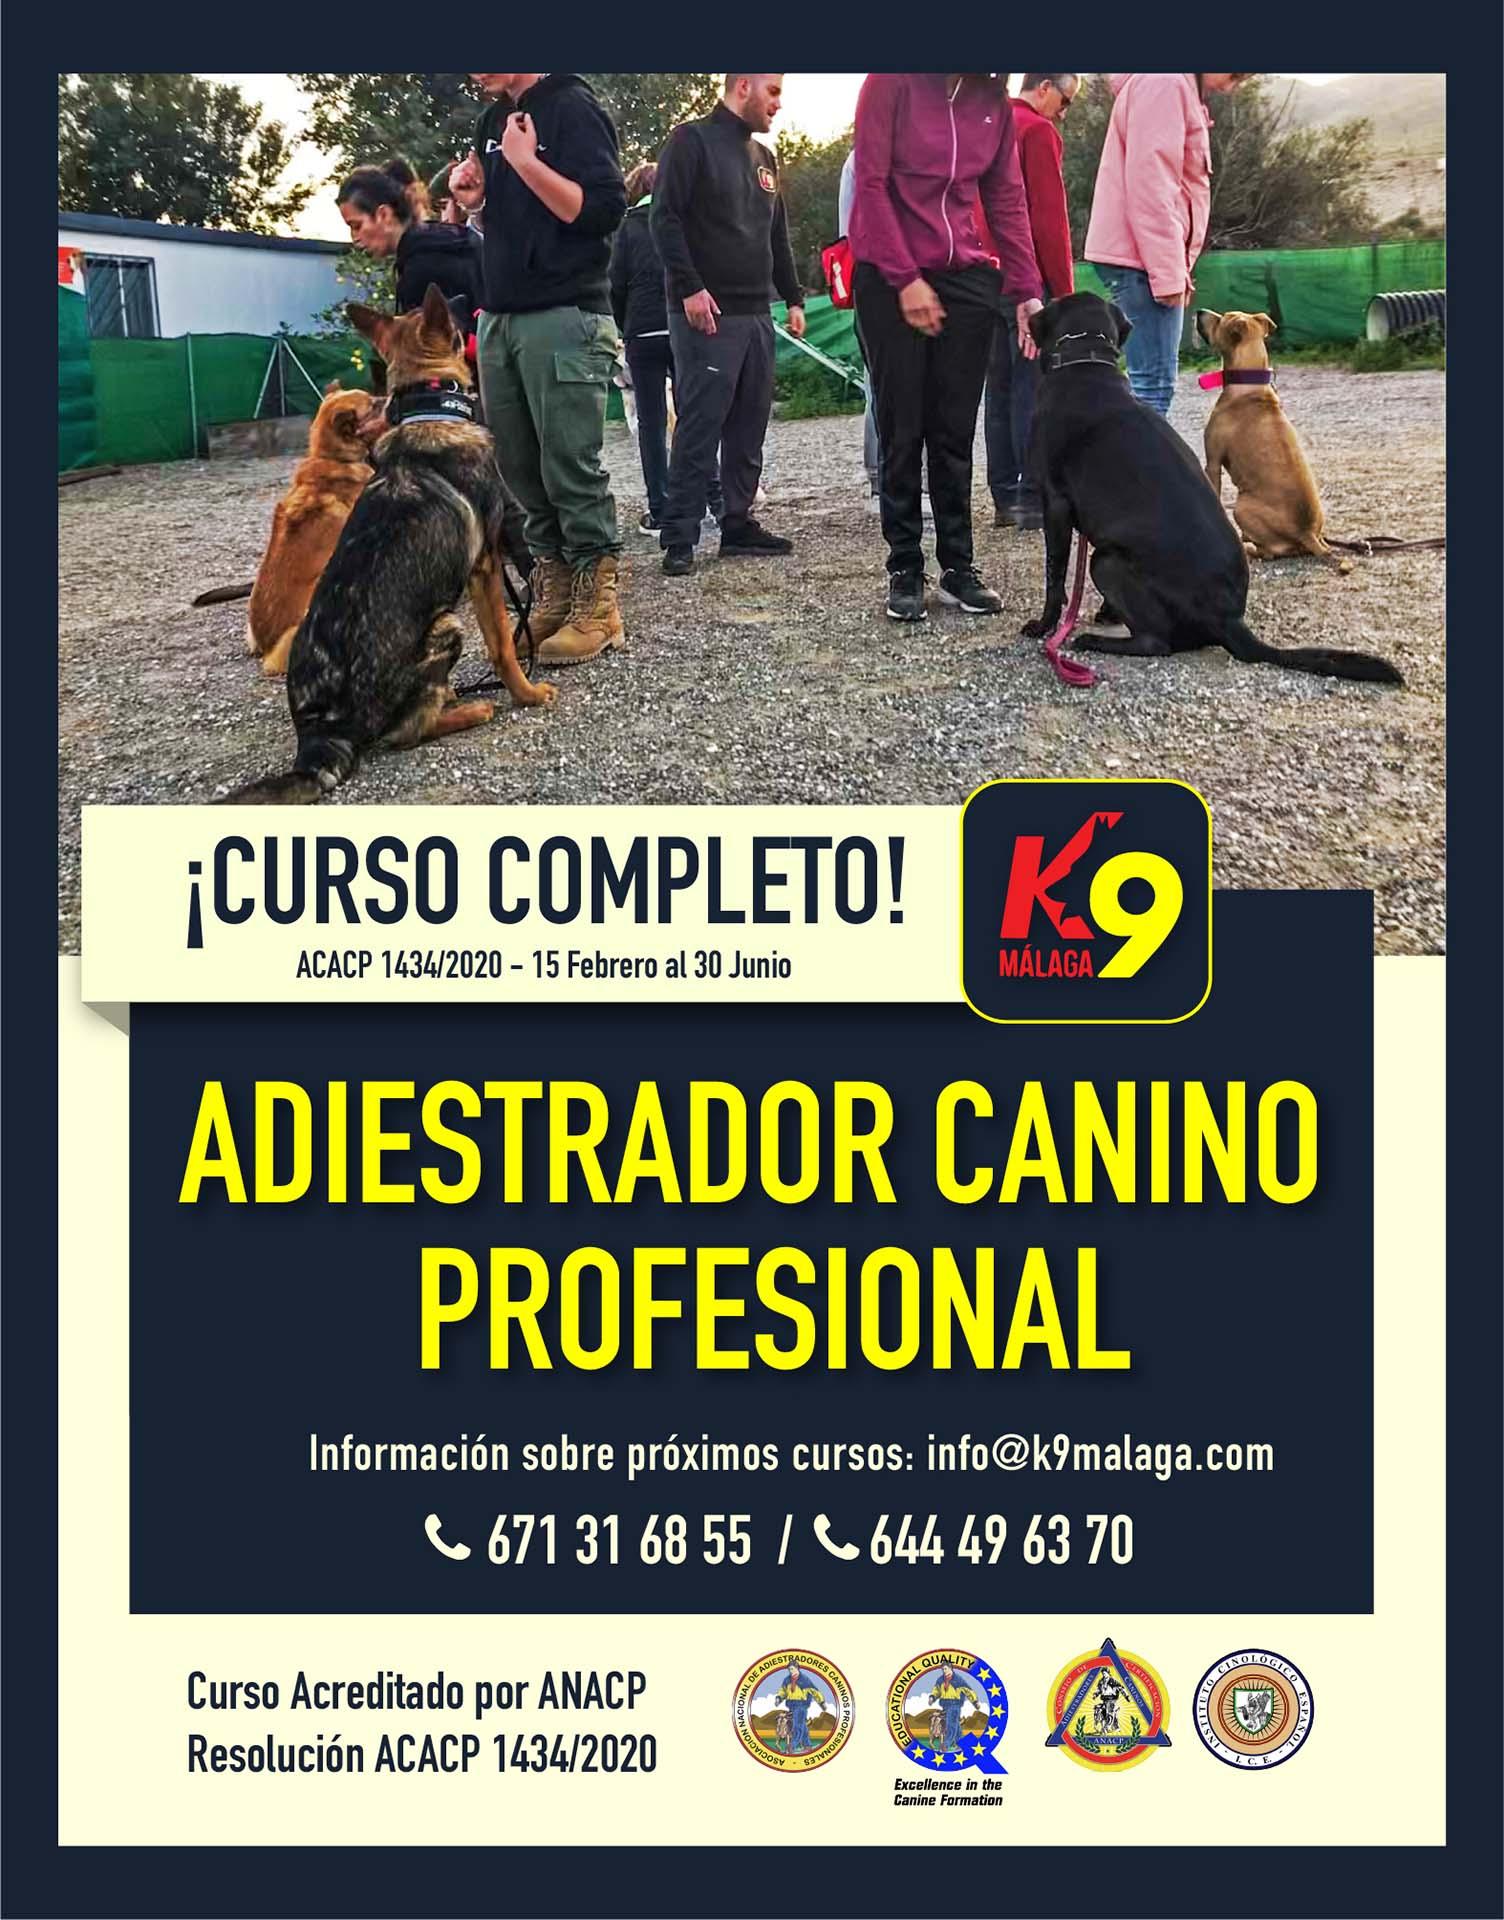 Curso Adiestrador Canino Febrero 2021 - Malaga España